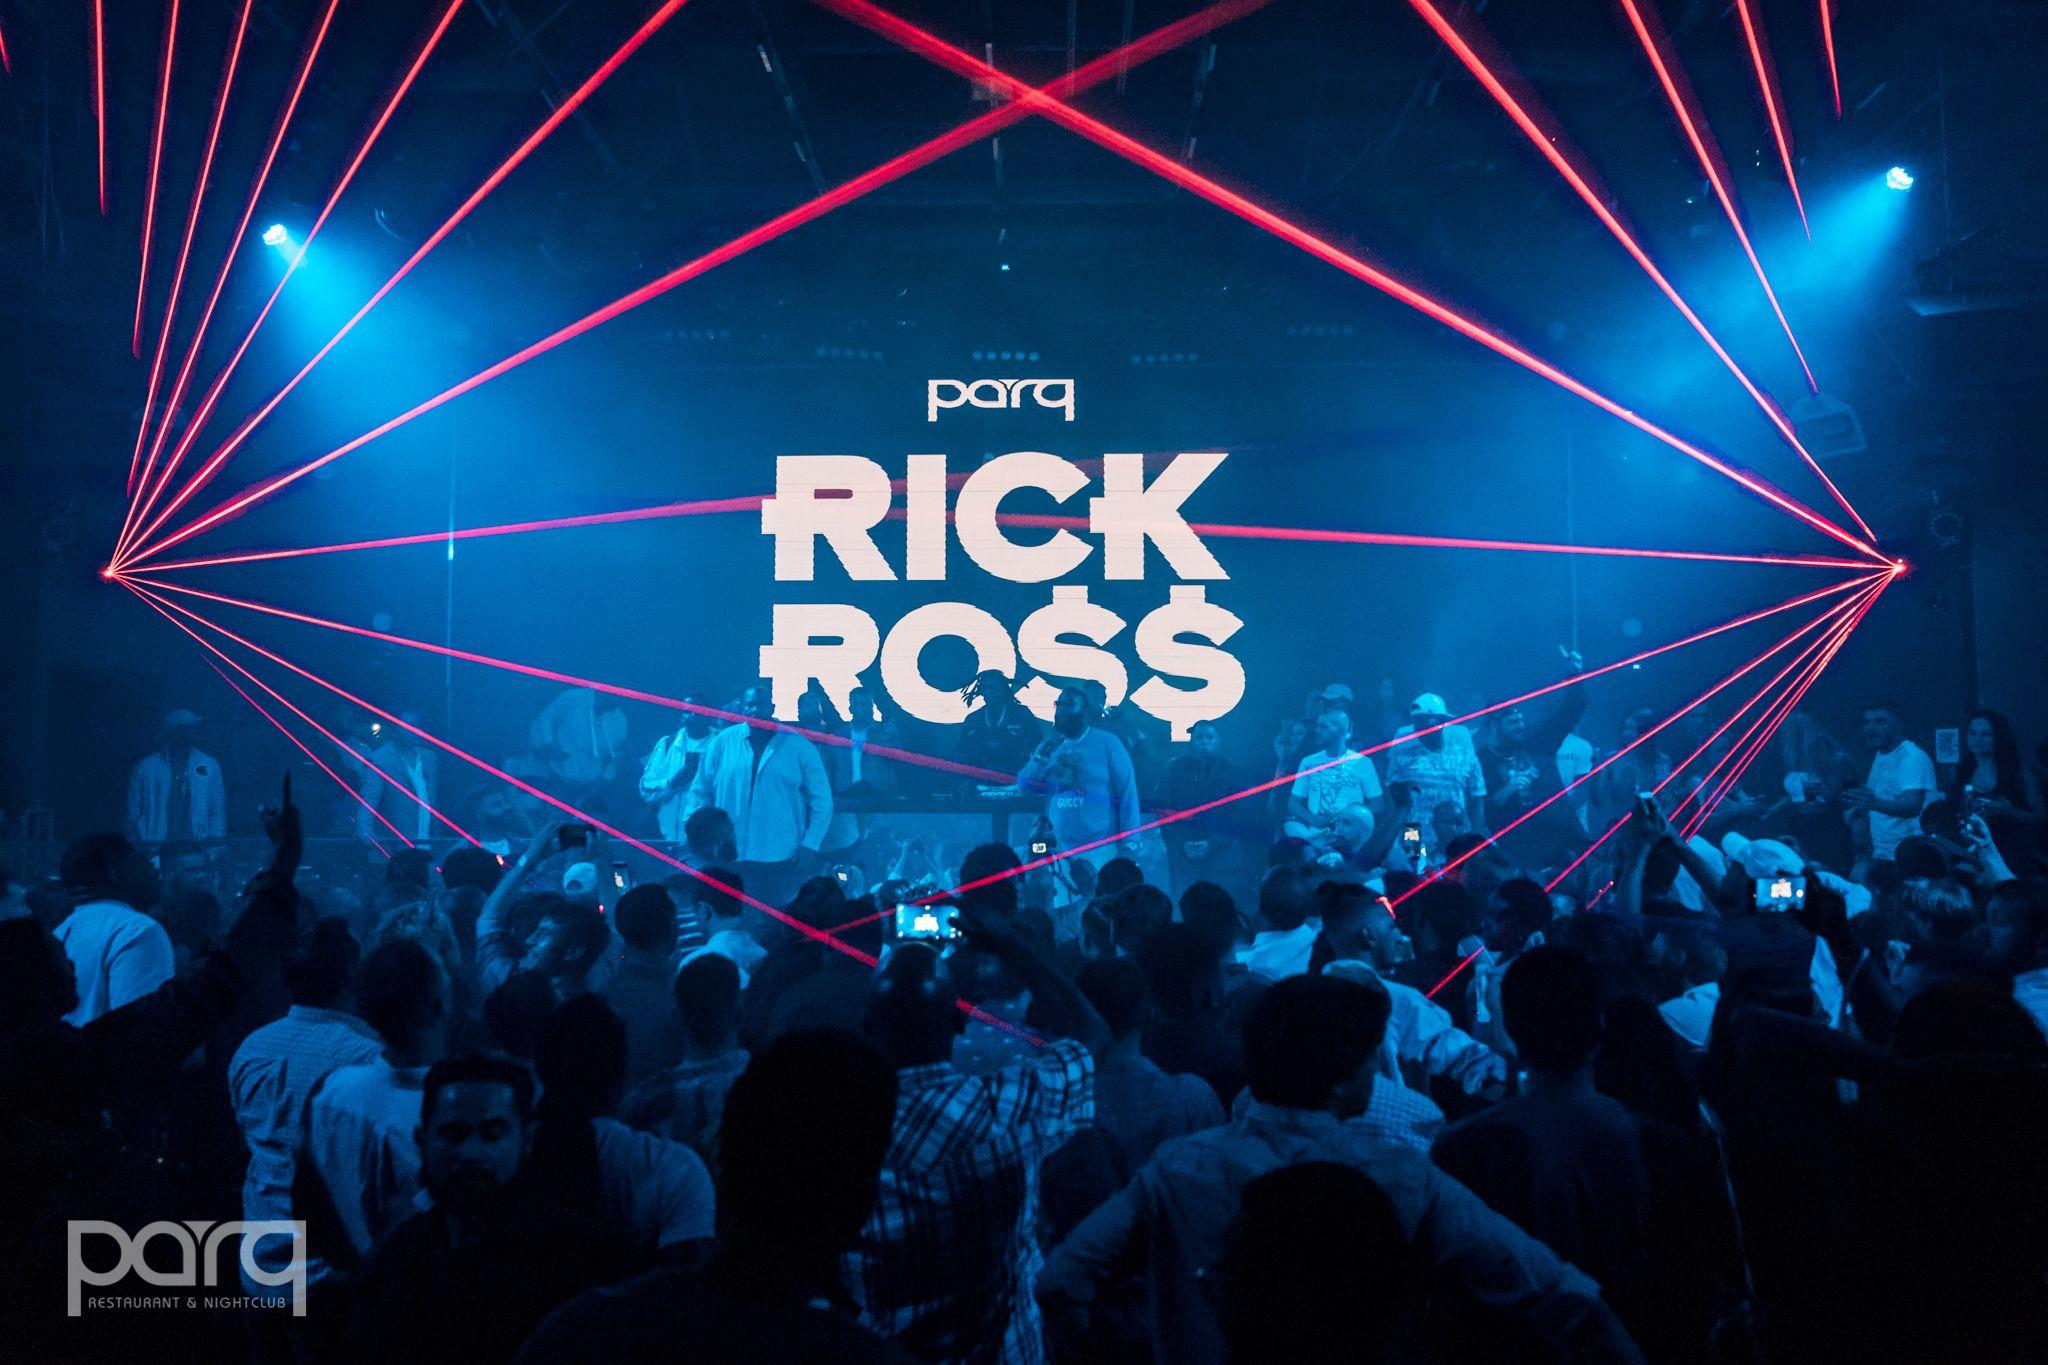 06.22.18 Parq - Rick Ross-16.jpg